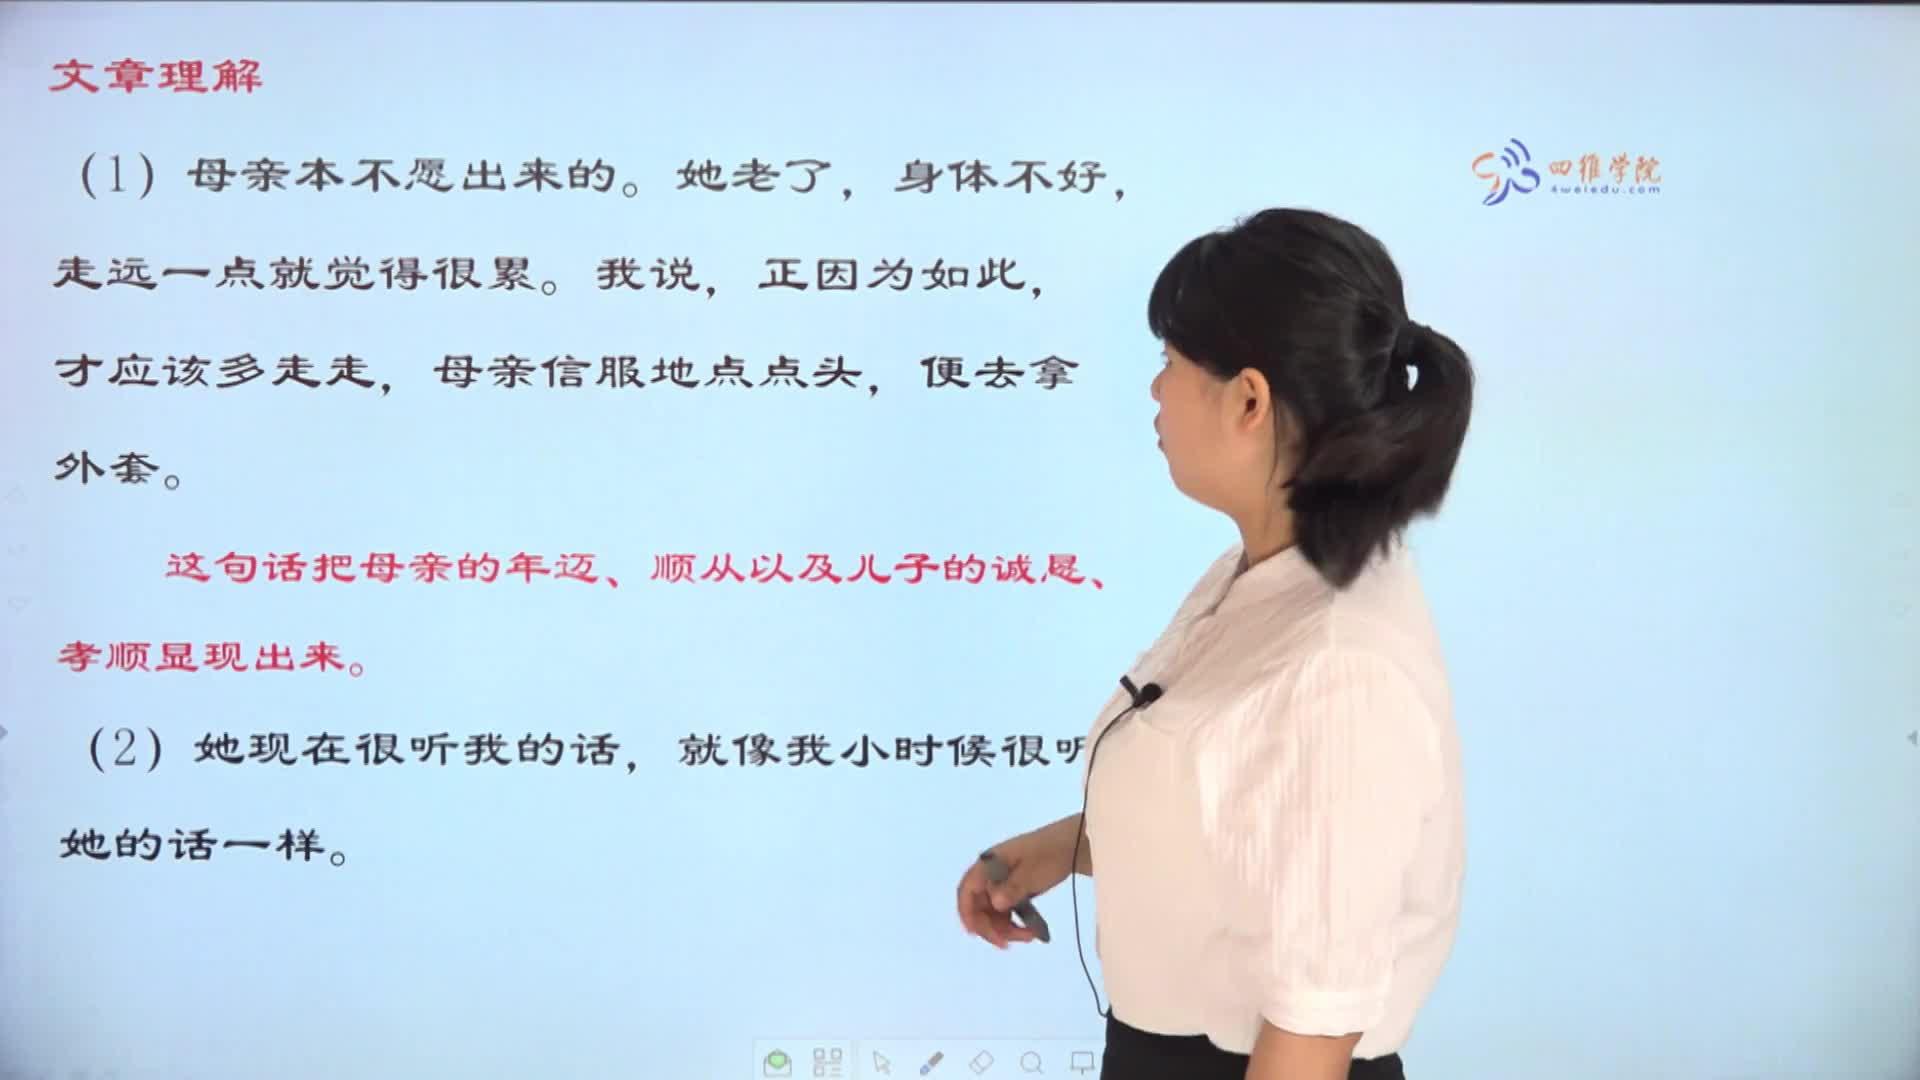 【微加】新初一語文銜接課微課 6 巧做練習:記敘文重點句子含義